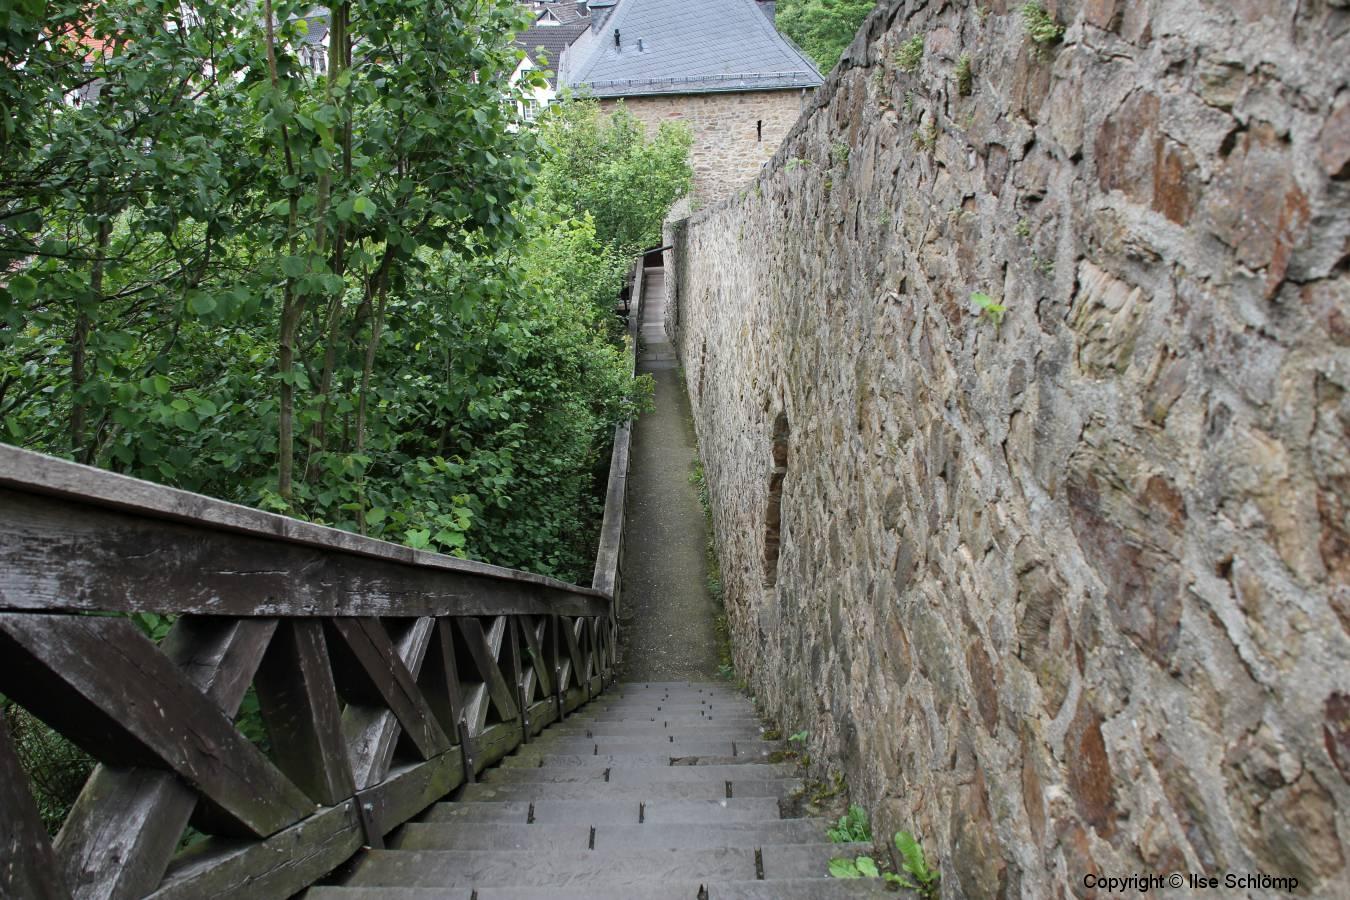 Nordrhein-Westfalen, Bad Münstereifel, Wehrgang